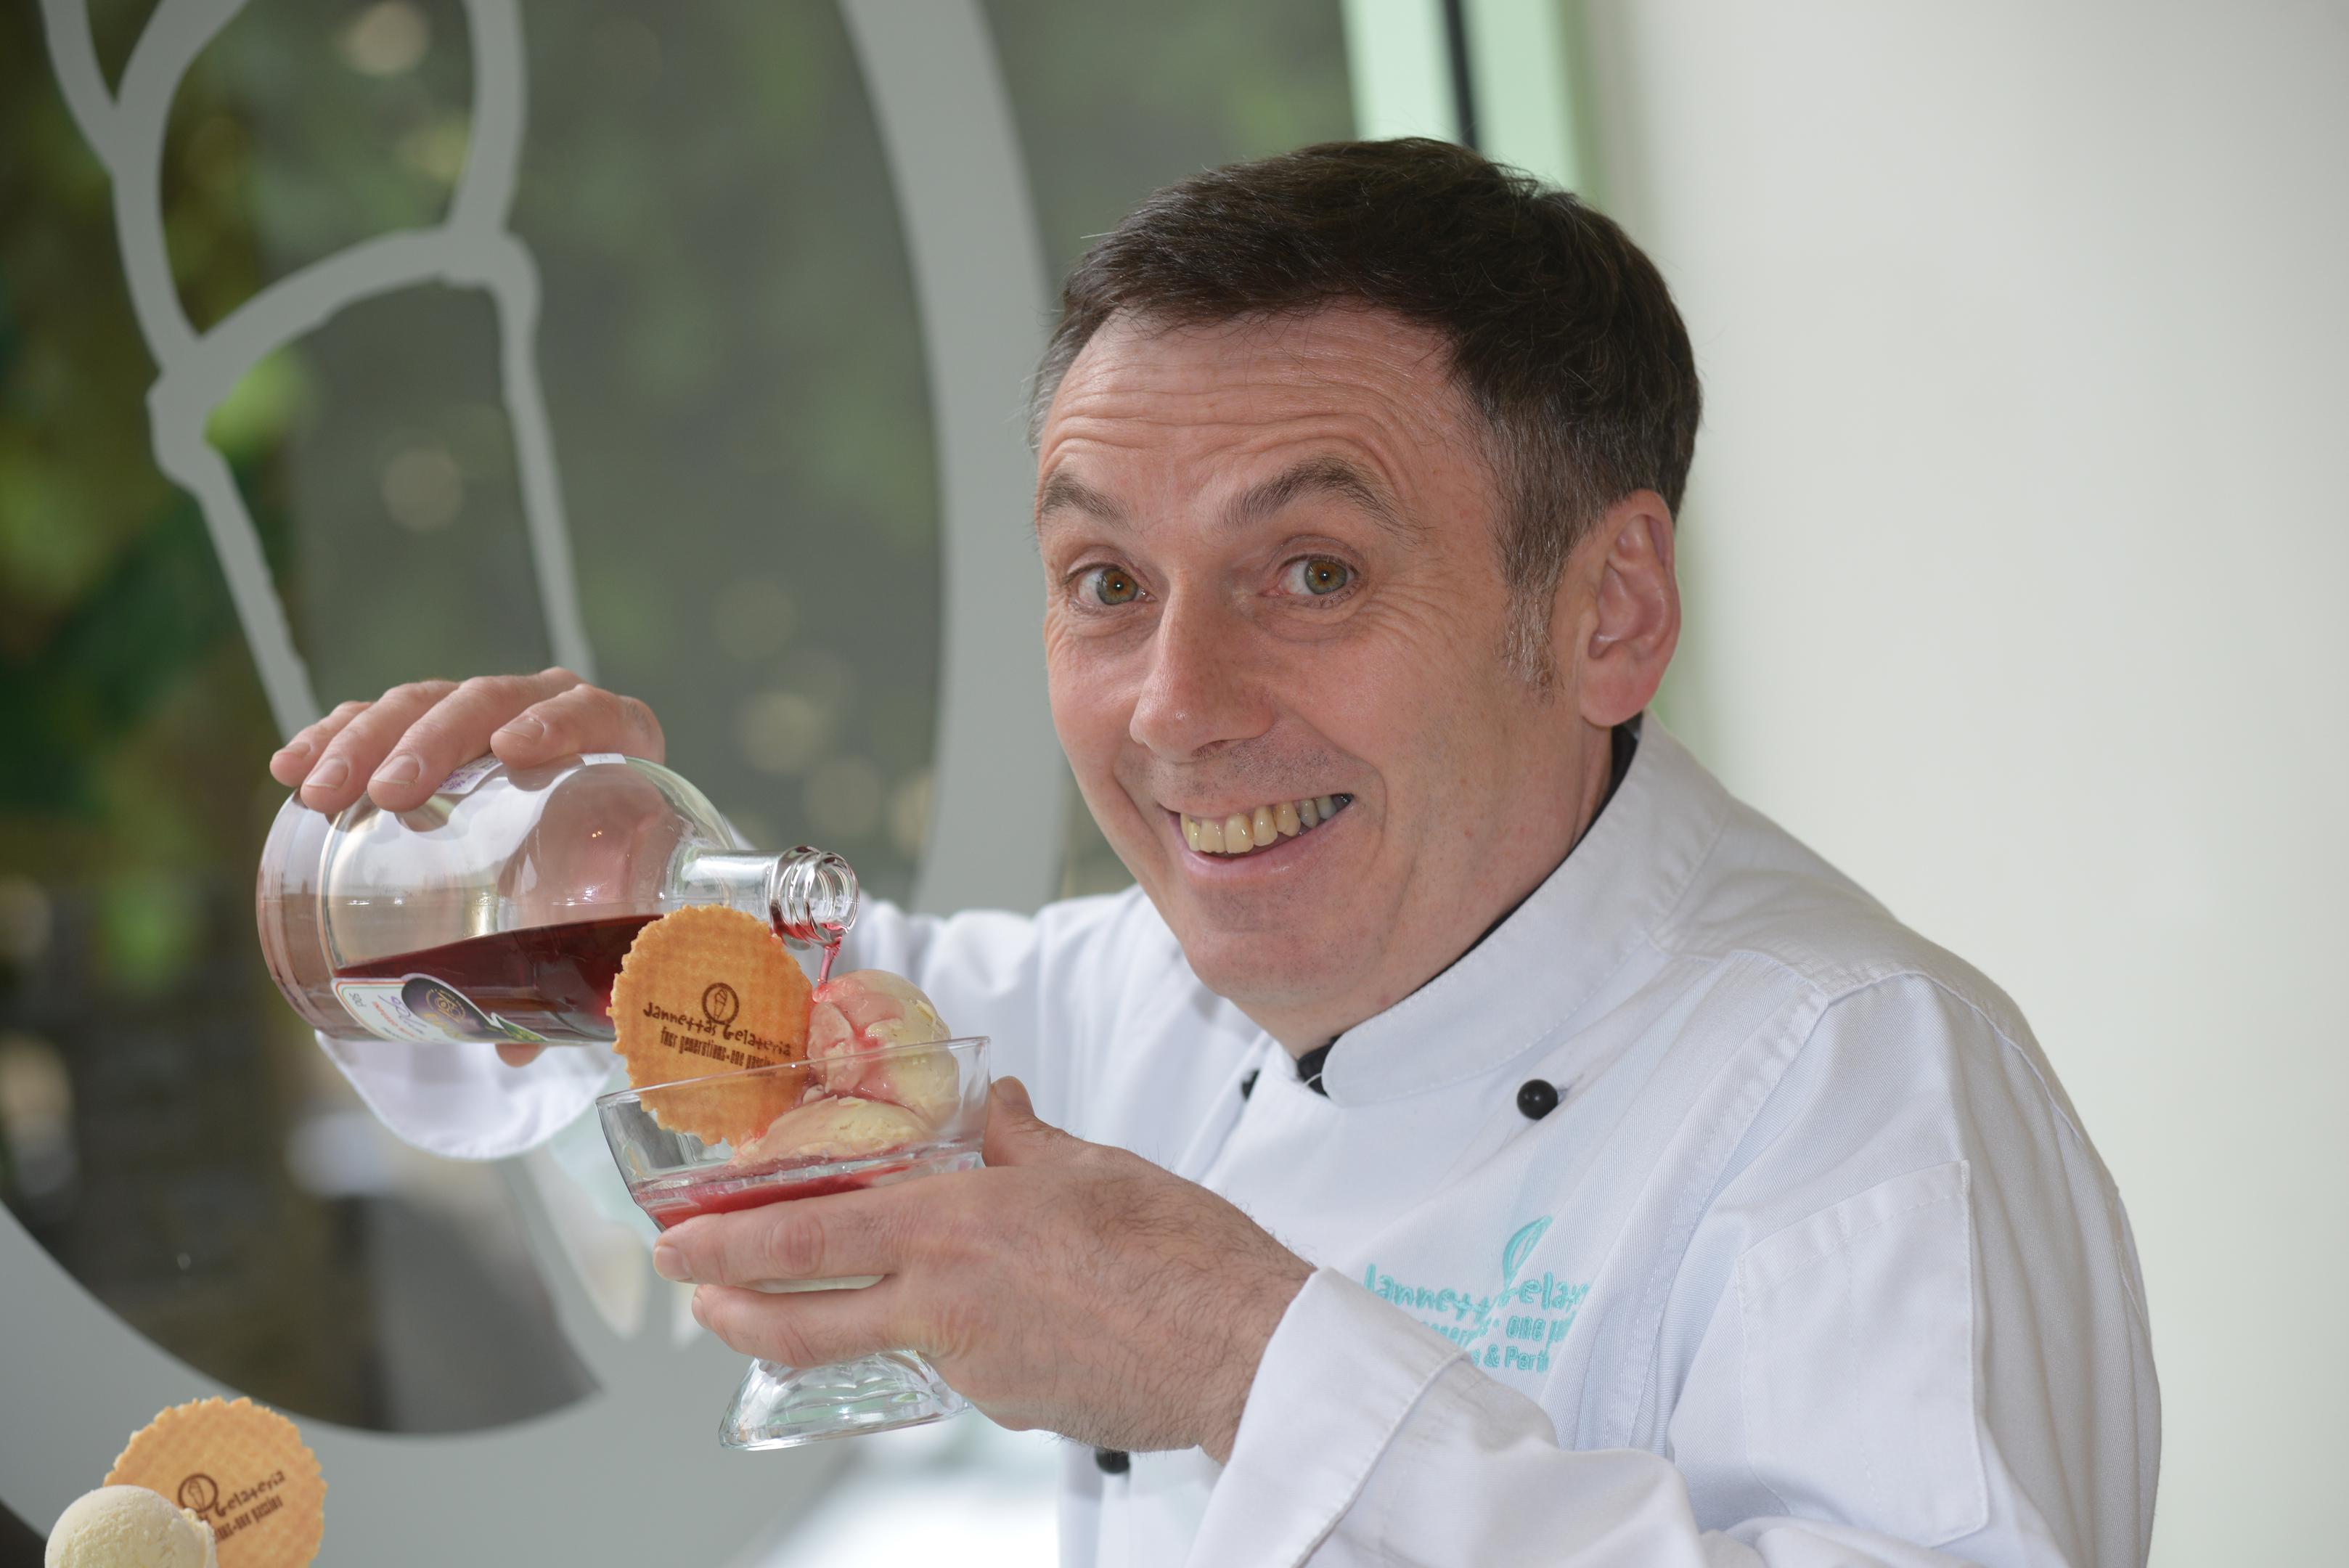 Owen Hazel concocts the new flavour